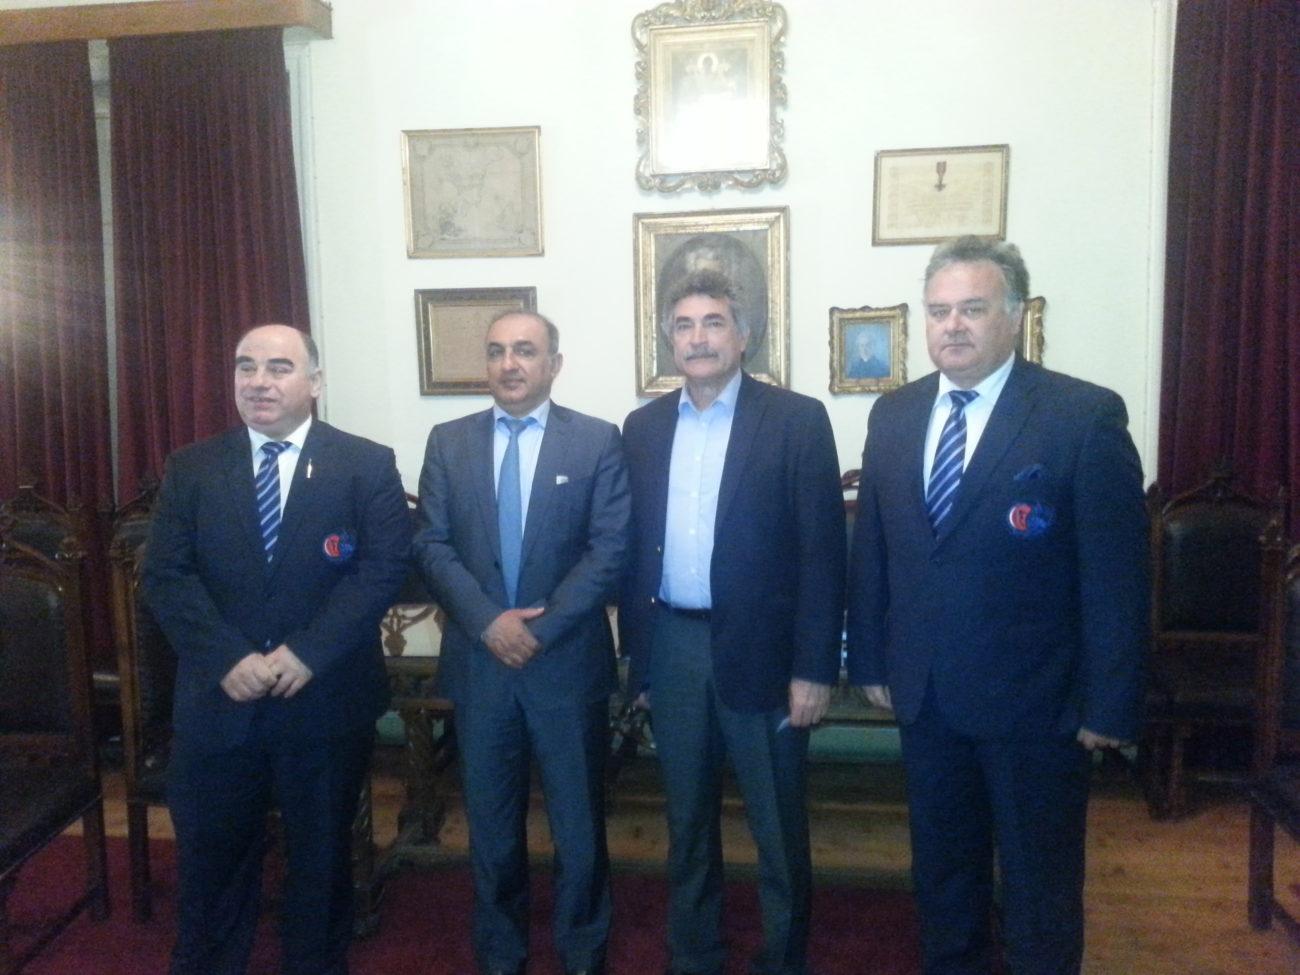 Επίσκεψη Του Πρέσβη Του Πακιστάν Στην Ελλάδα | Ελληνική Ομοσπονδία Κρίκετ